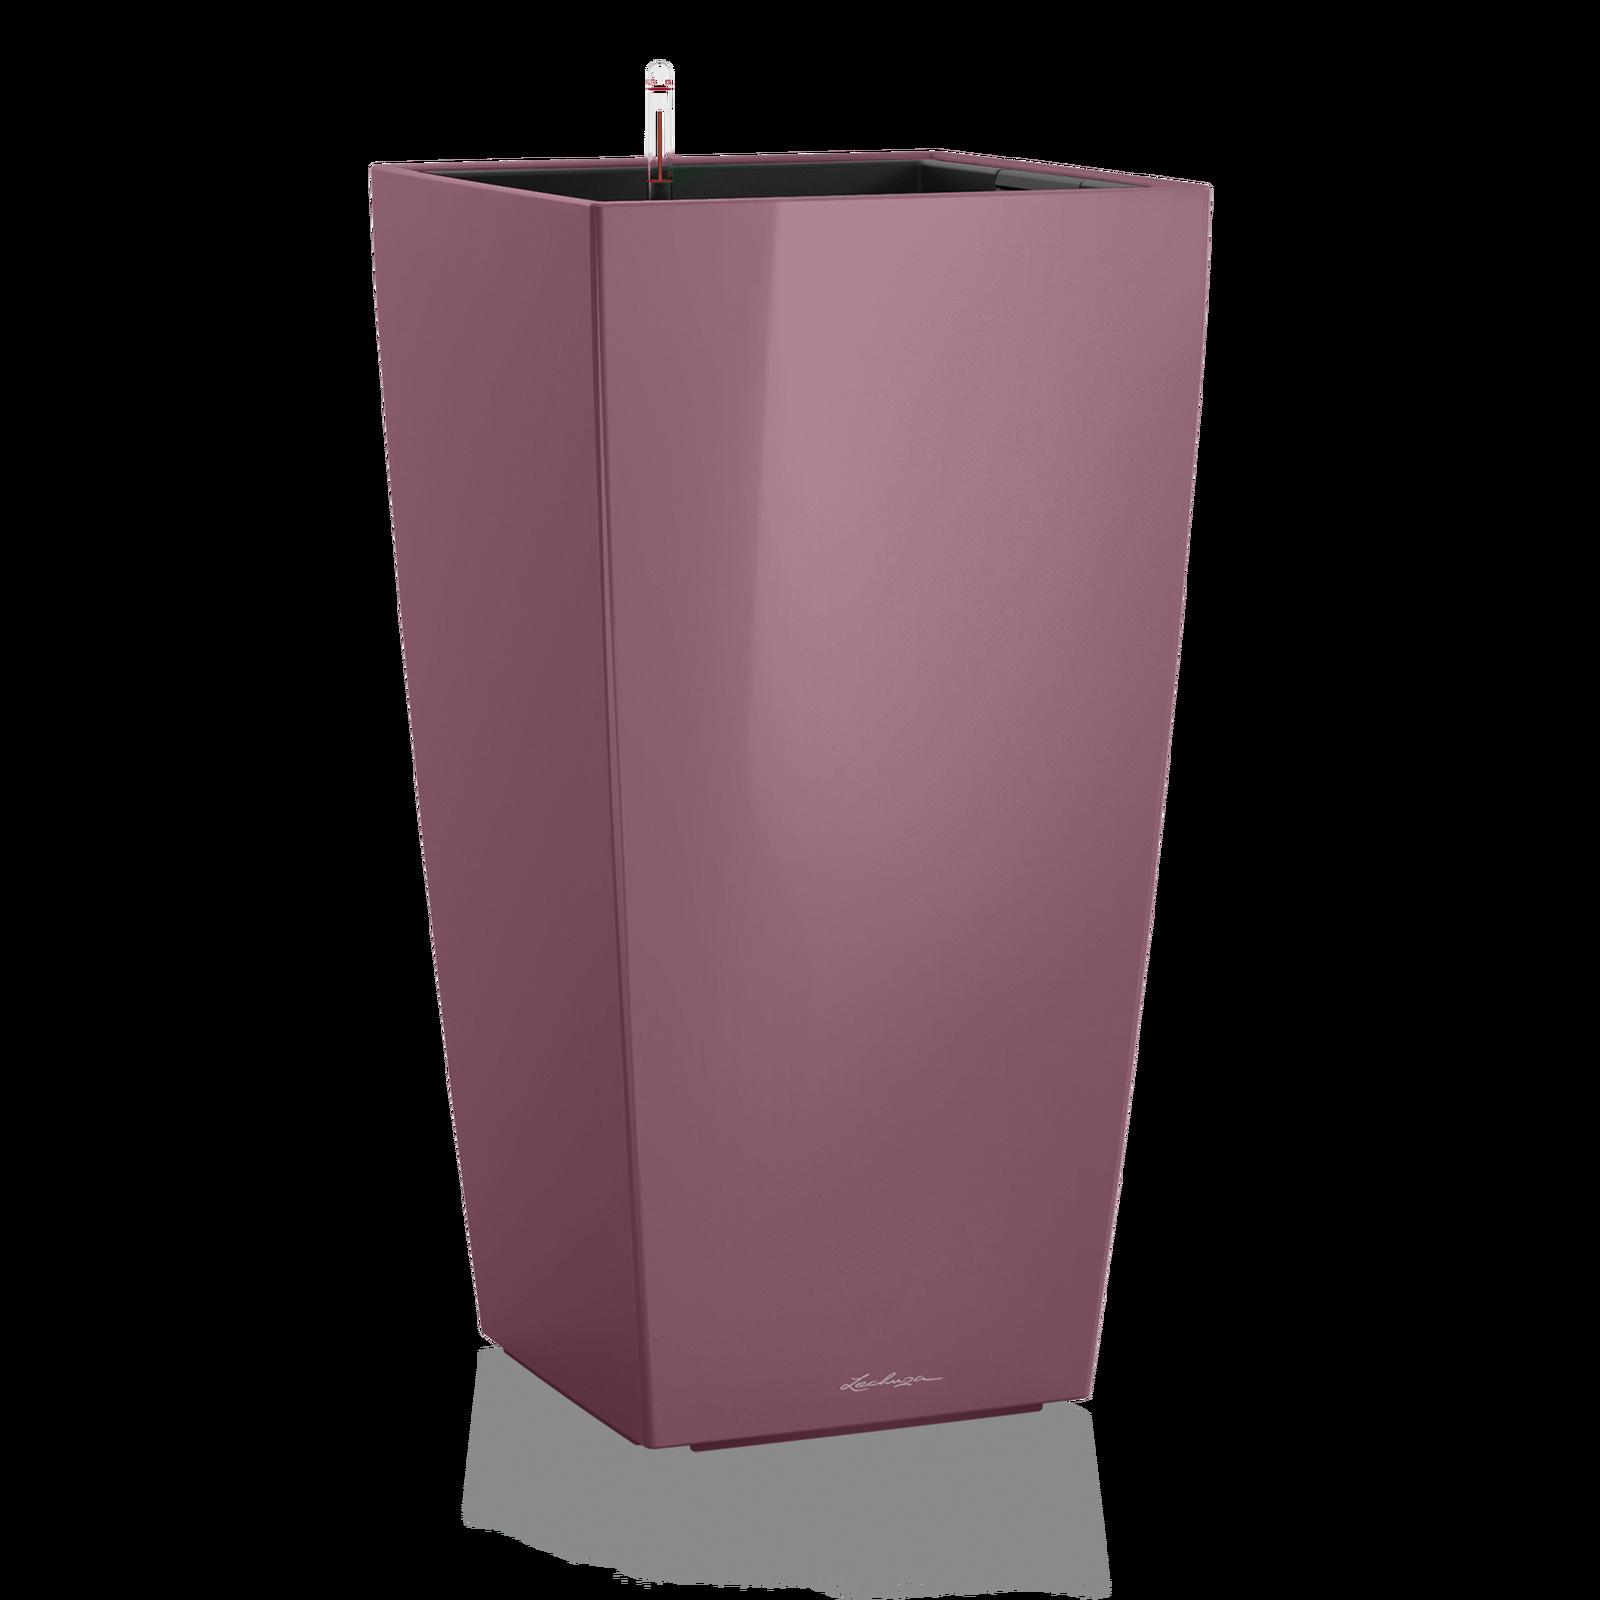 Кашпо кубико сливового цвета с системой автополива